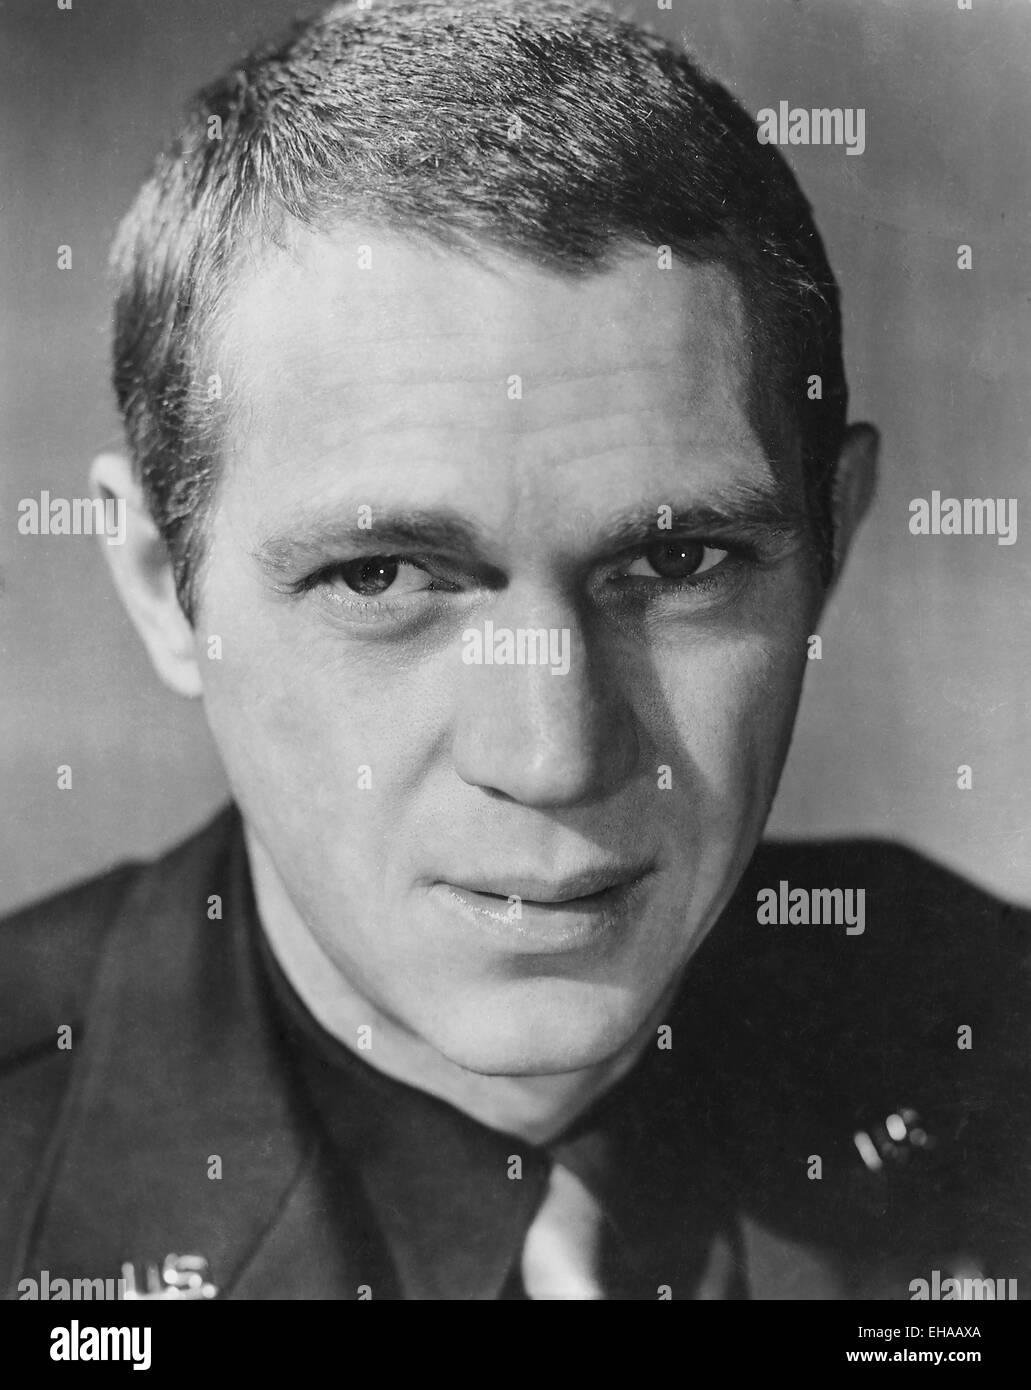 Steve McQueen, Portrait for the Film 'The War Lover', 1962 - Stock Image